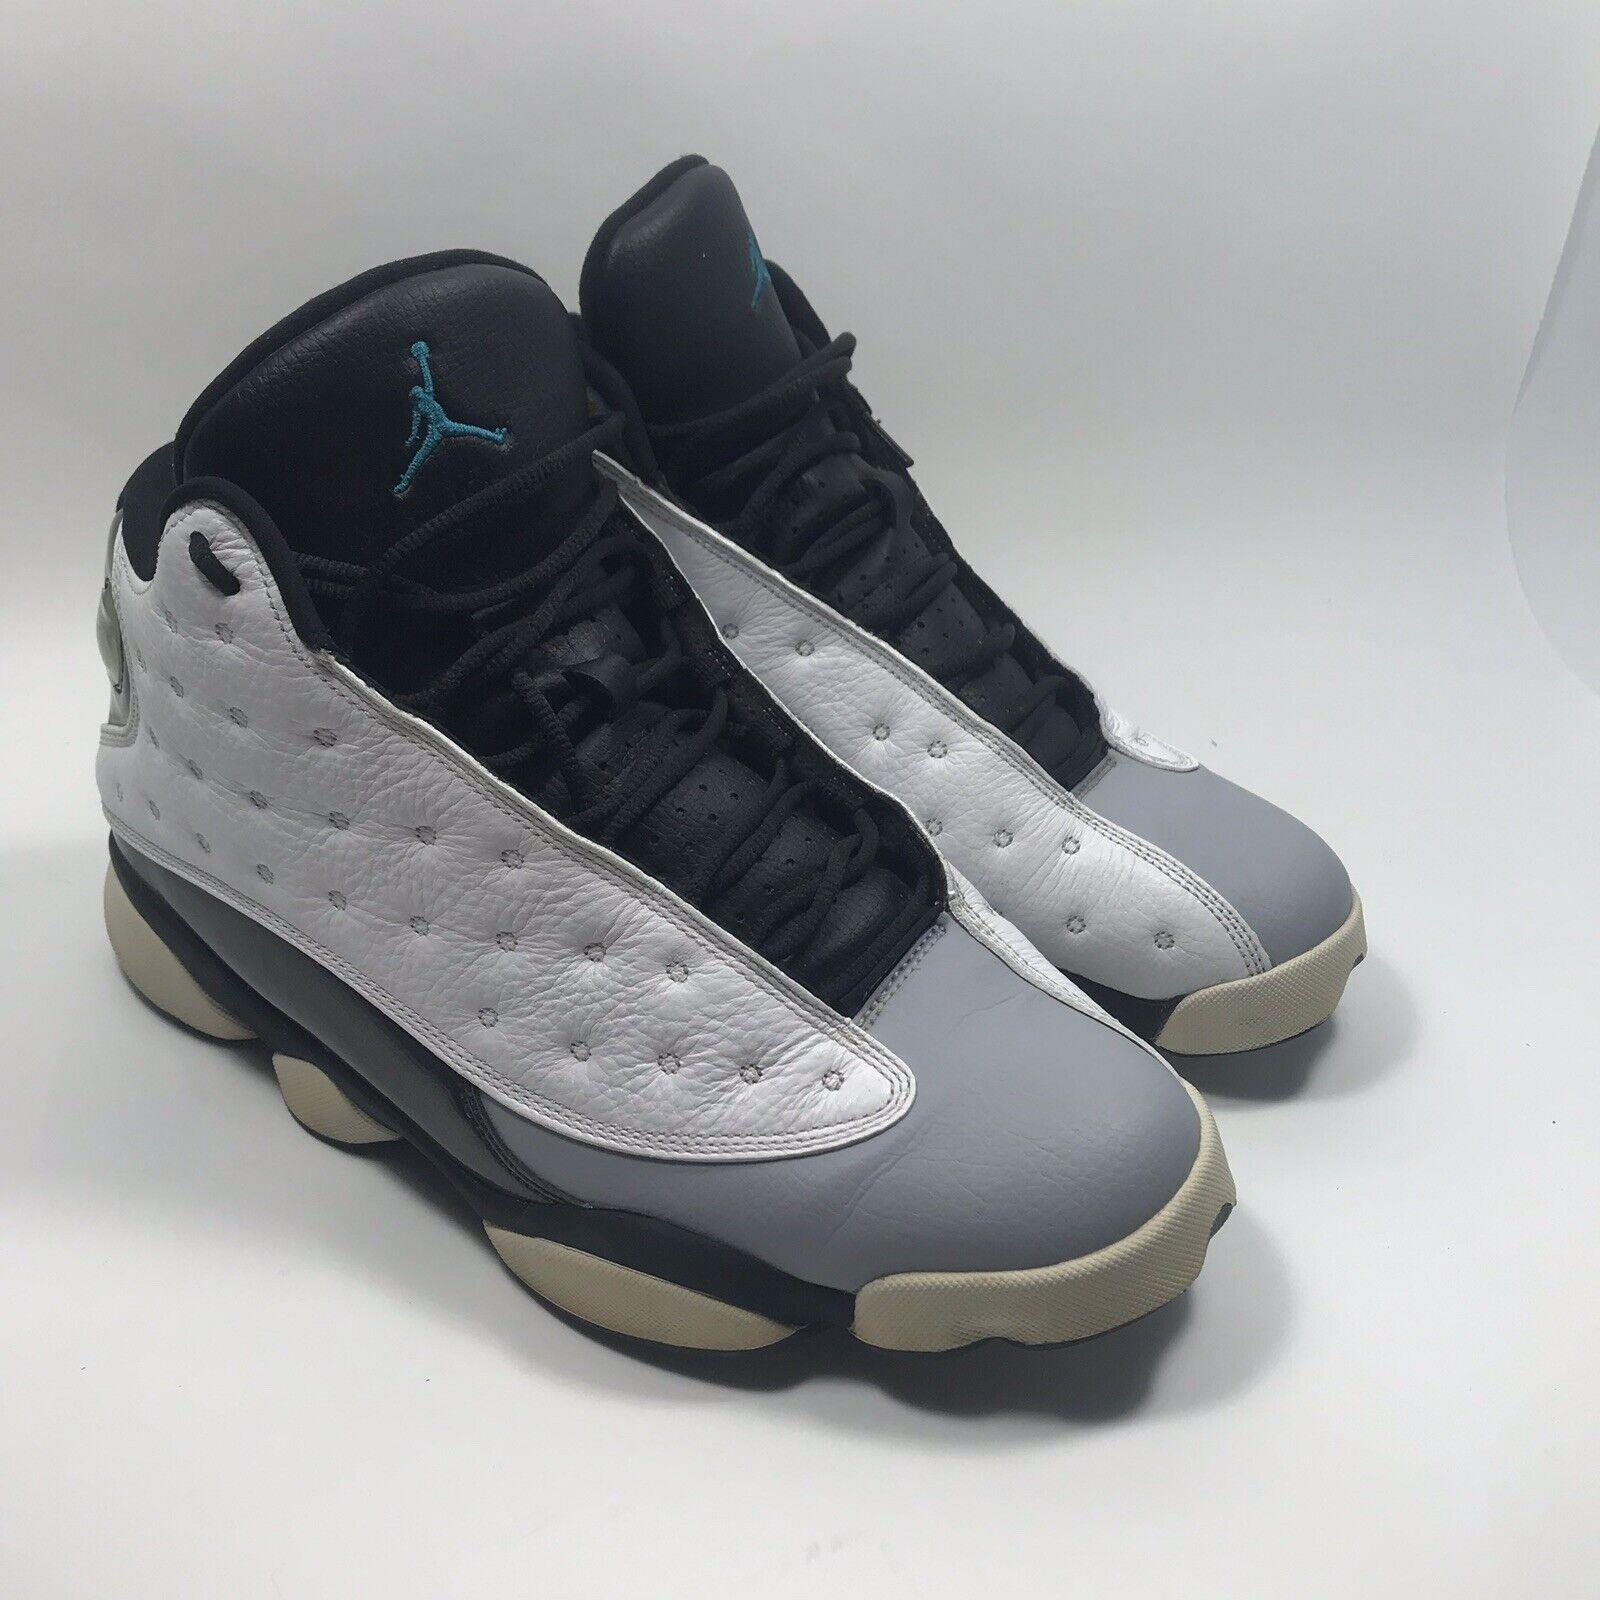 Nike Air Jordan XIII 13 13 13 Retro Wolf Grey Hologram Barons 414571-115 Sz 11 74ebaf